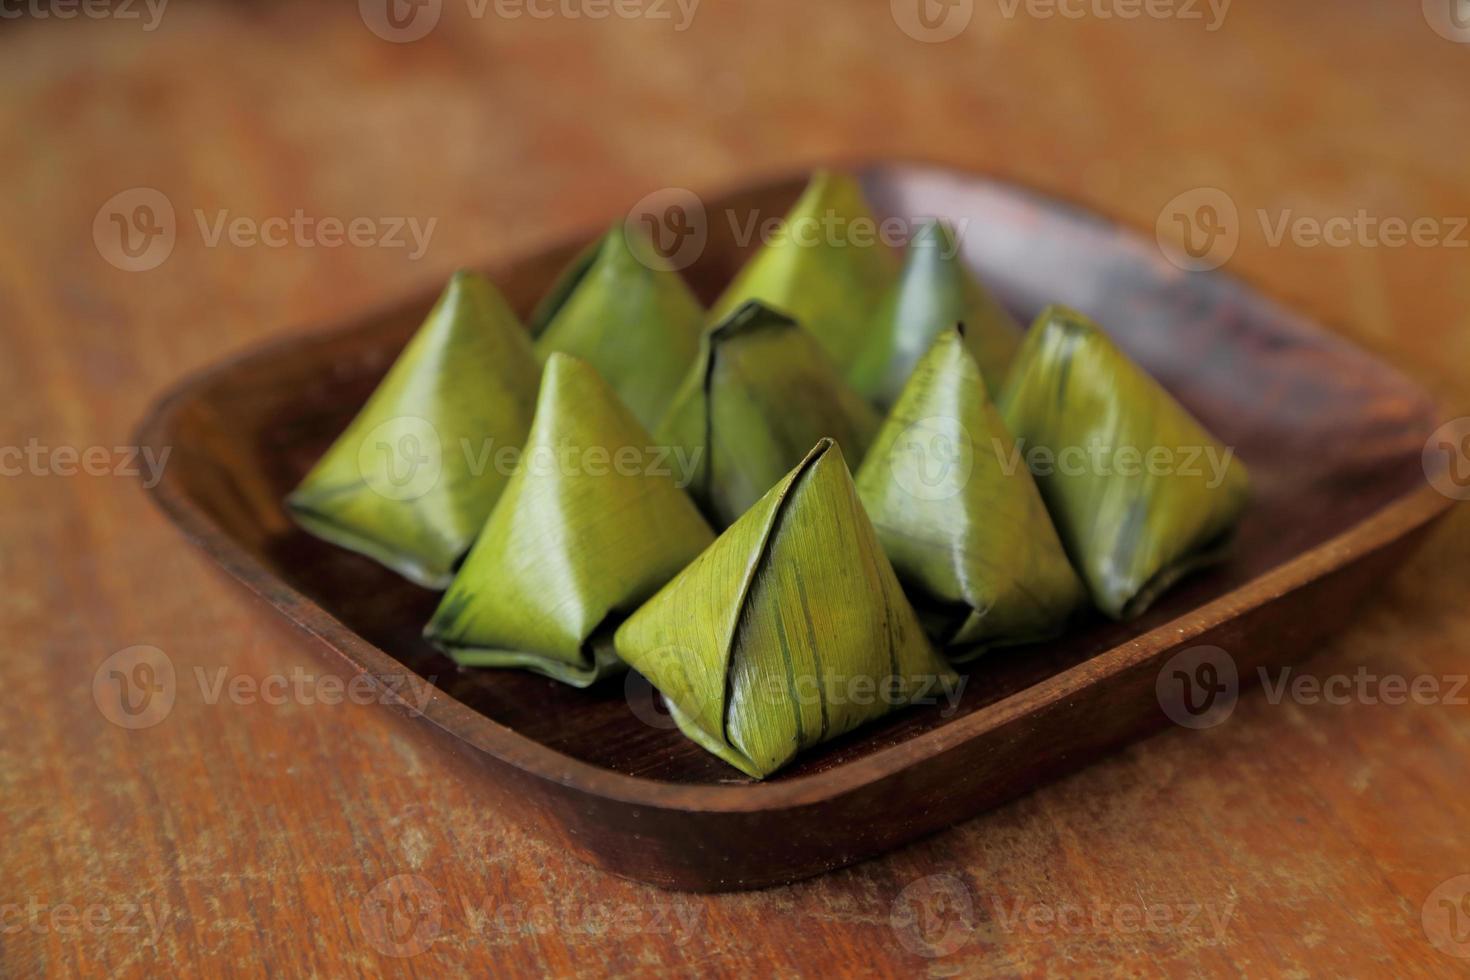 thailändsk efterrätt insvept i bananblad på träskålen. foto